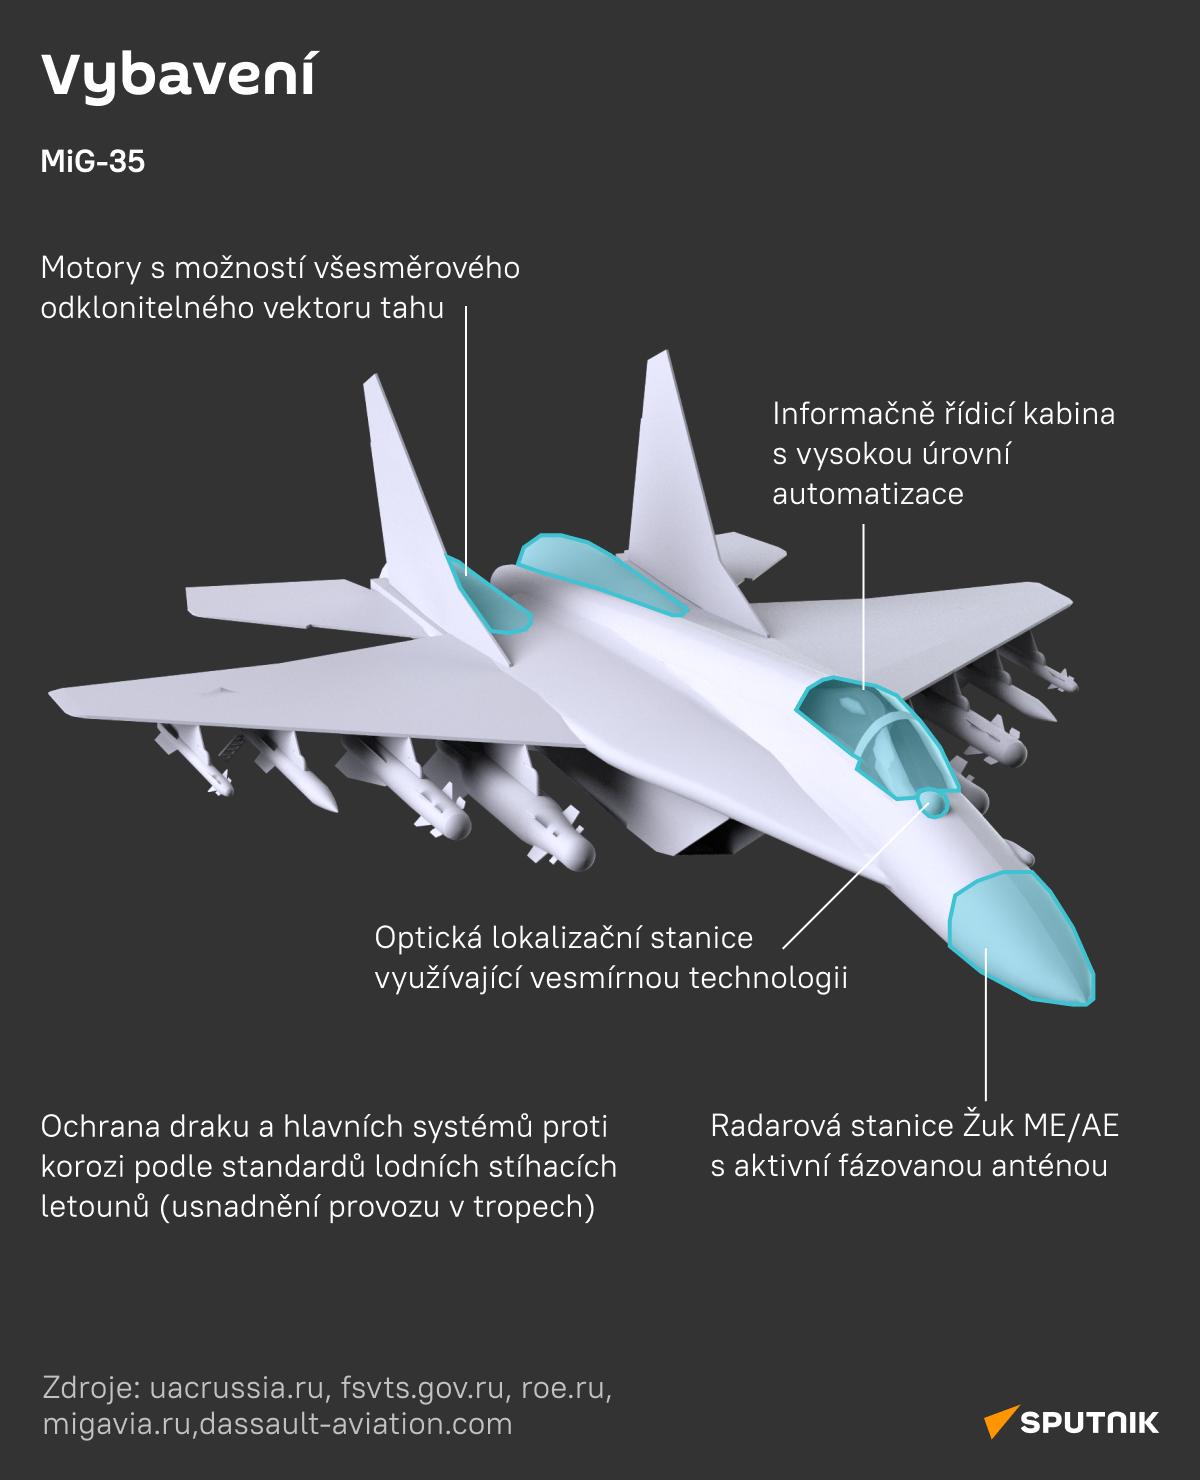 Vybavení: MiG-35 - Sputnik Česká republika